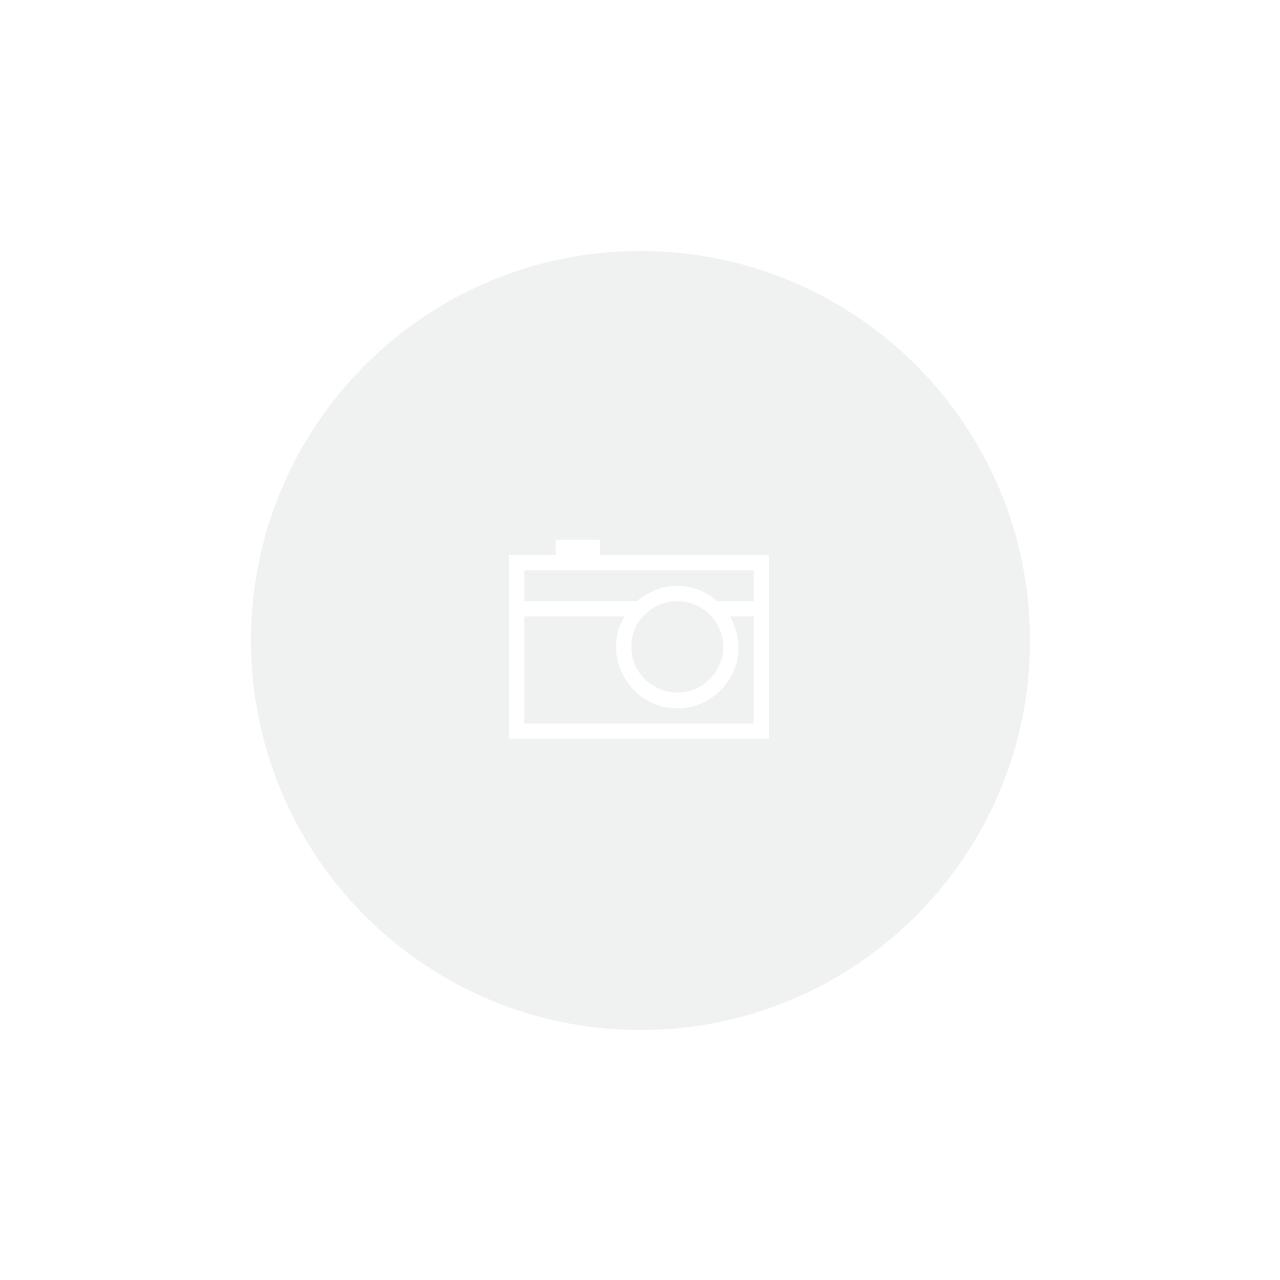 VISTA LIGHT TSW TRASEIRO 4 FUNÇÕES RECARREGÁVEL USB